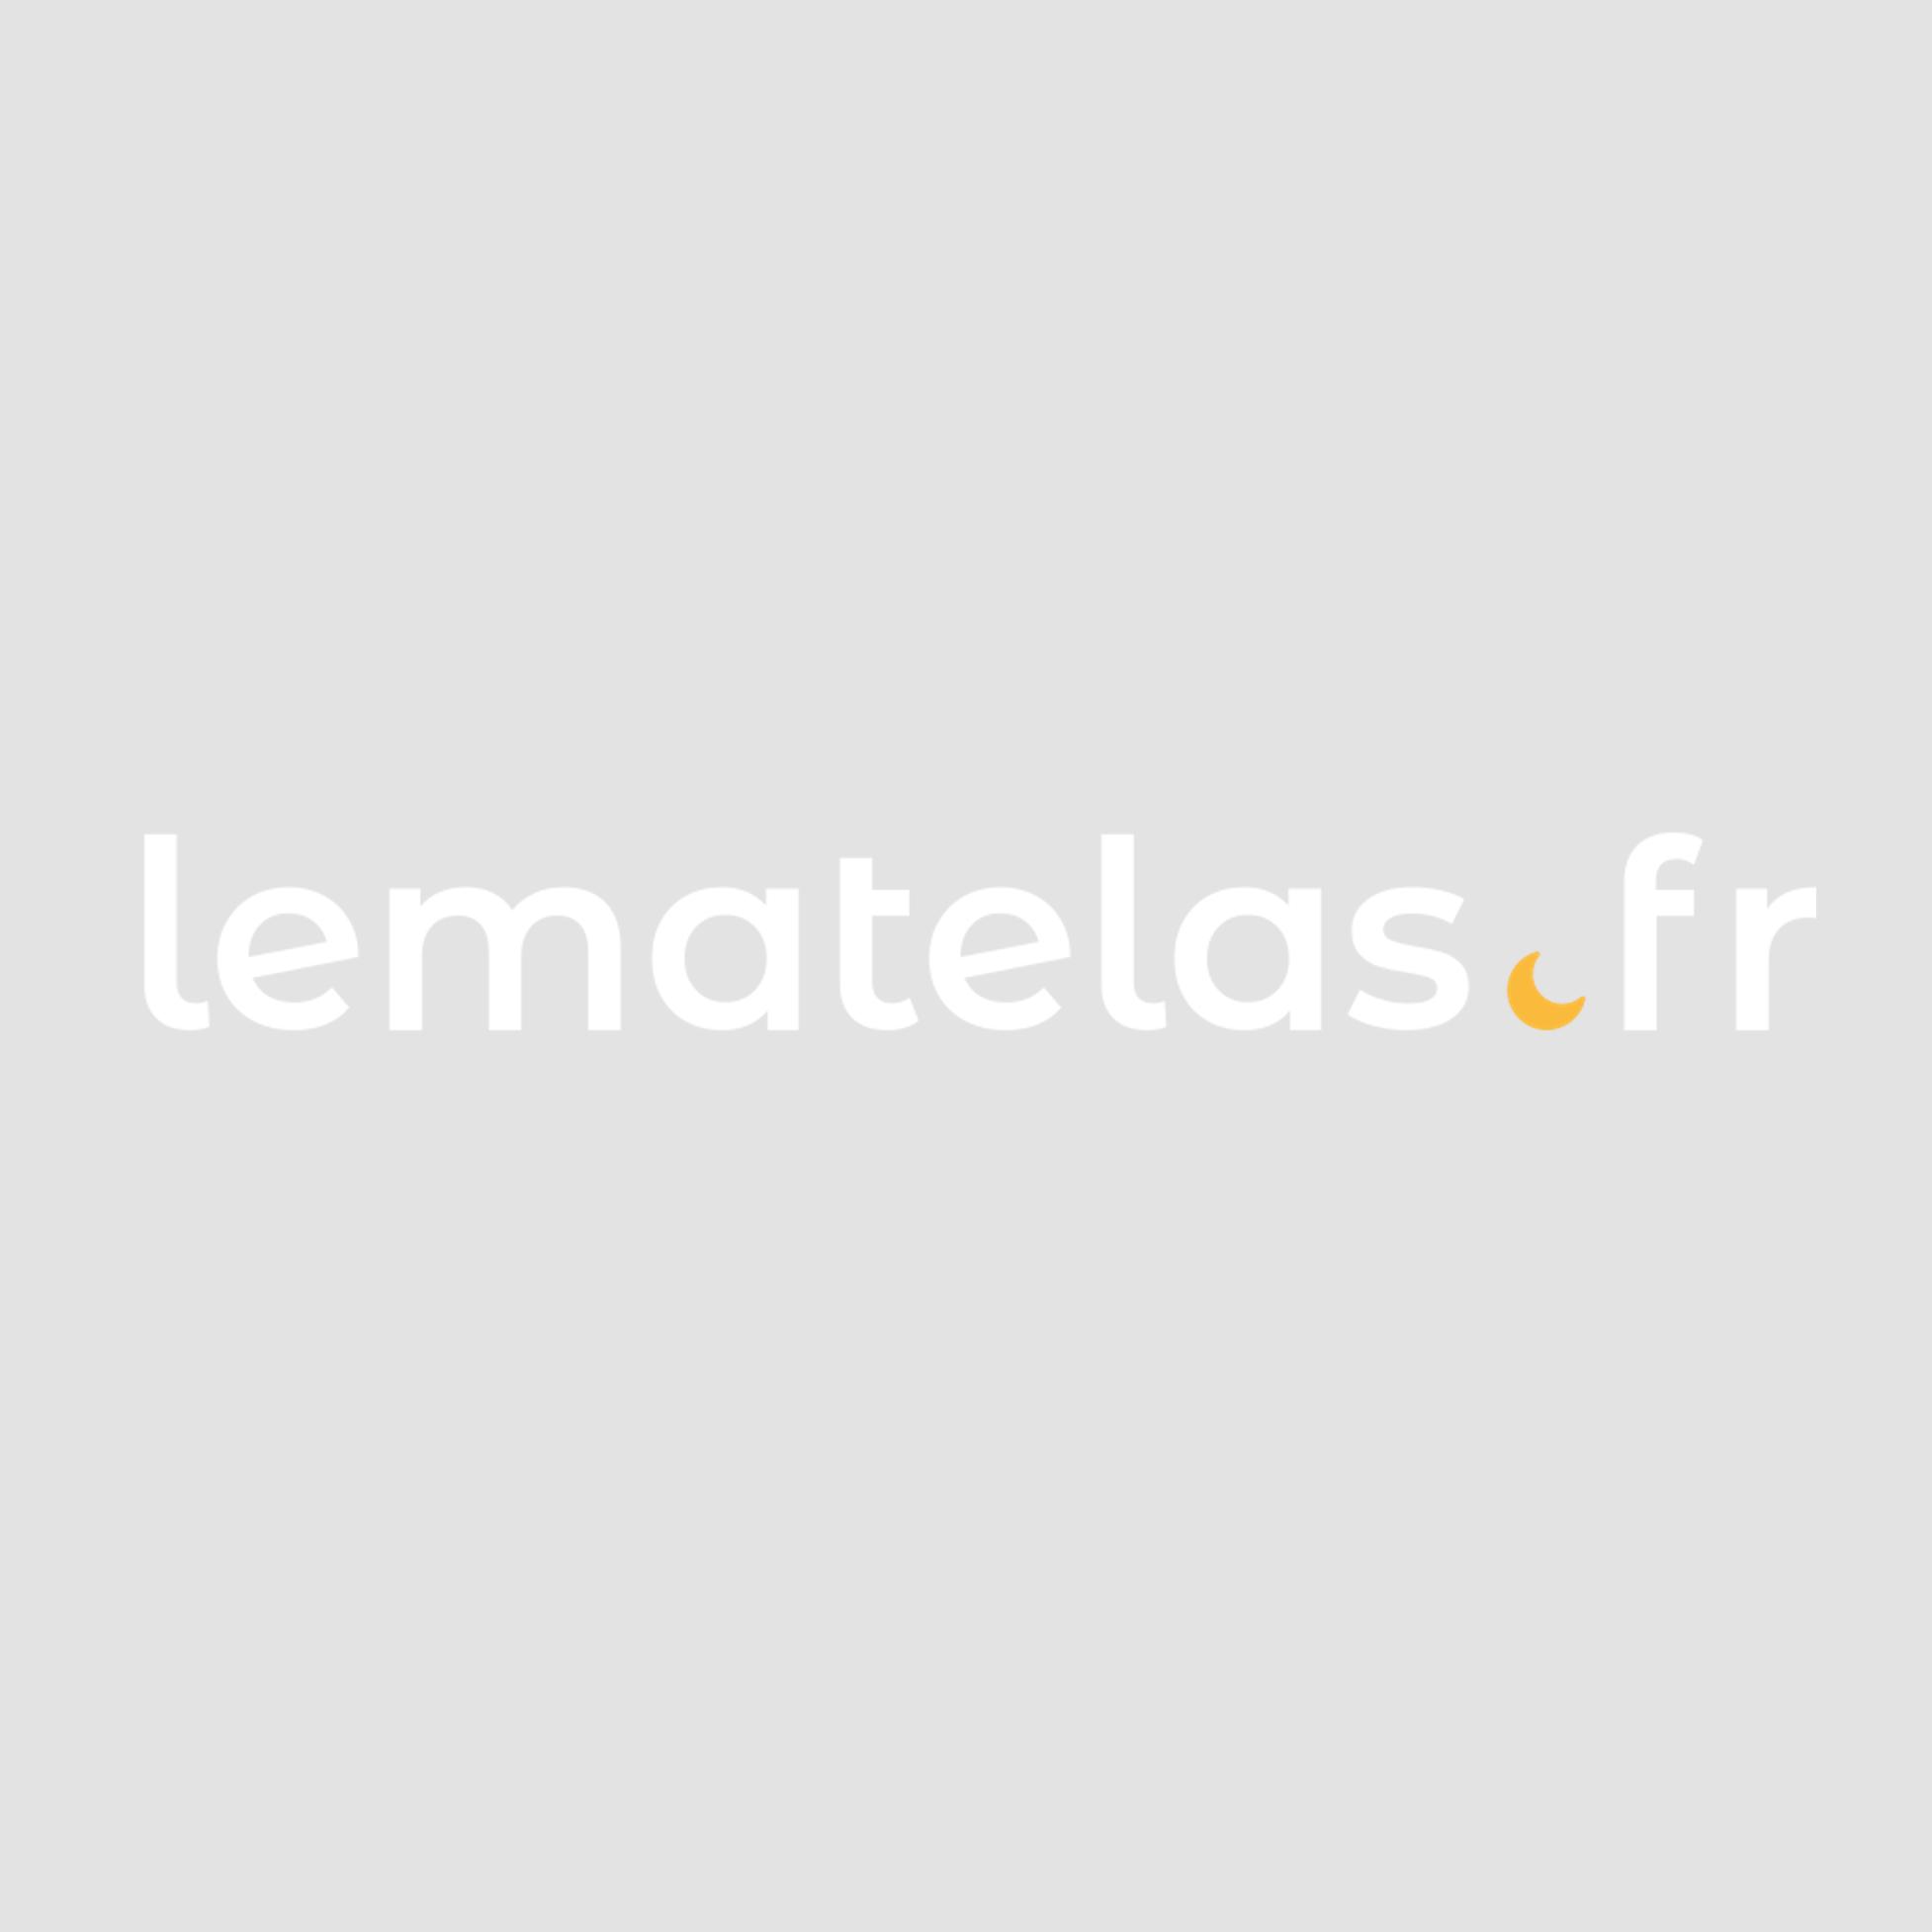 Protège matelas Bamboo soyeux confortable doux et absorbant qualité hôtellerie de luxe 180x200 - Hôtellerie